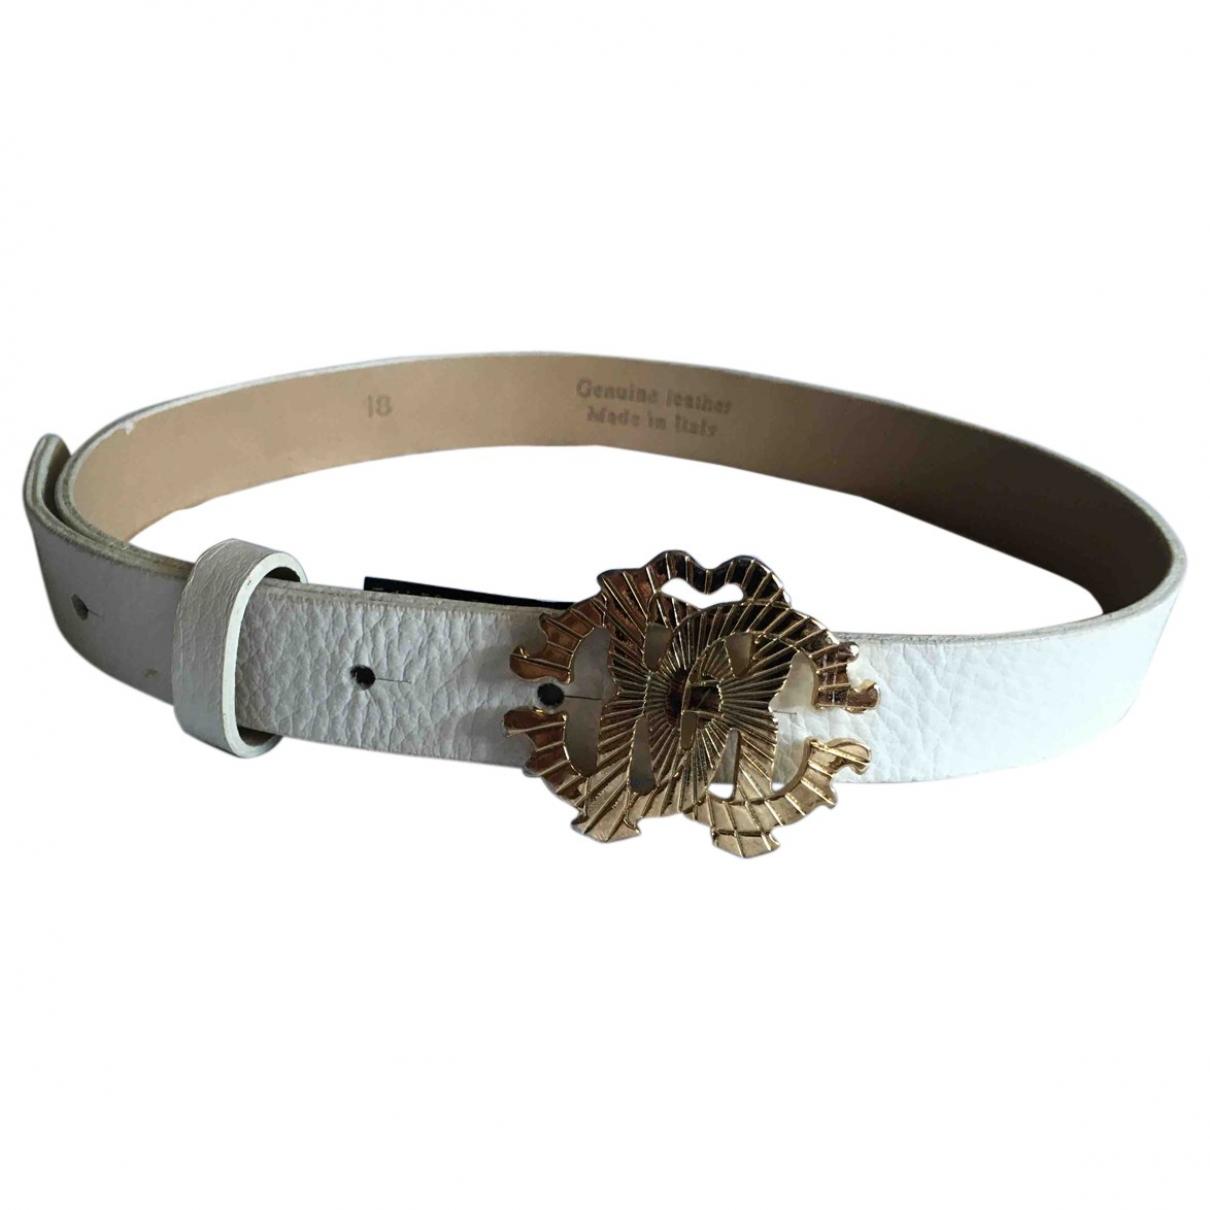 Roberto Cavalli \N White Leather belt.Suspenders for Kids \N